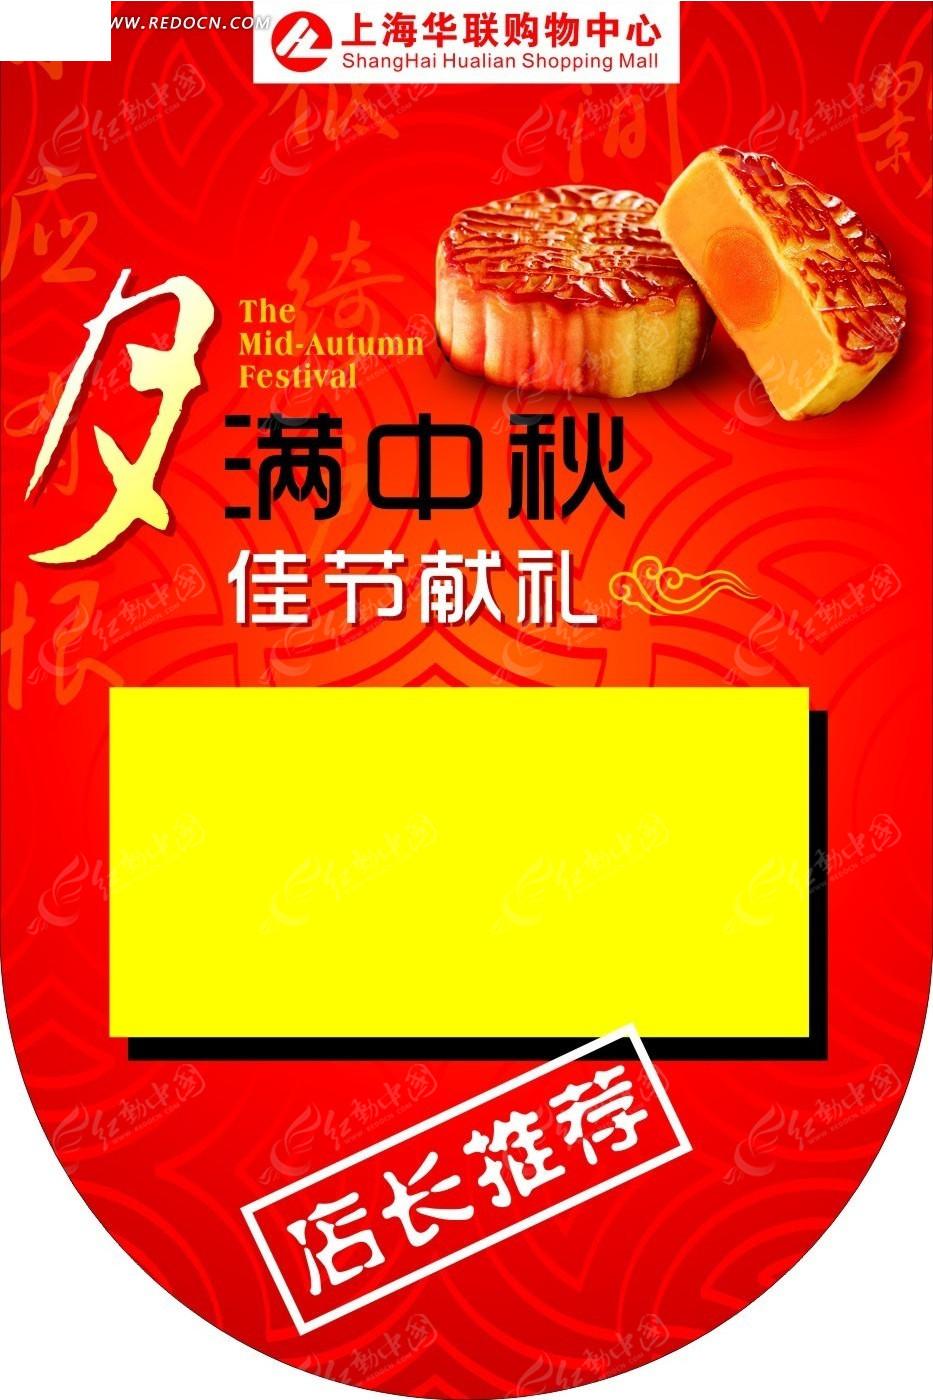 超市中秋节吊旗 超市 中秋节 月饼 吊旗 价格 华联中秋 节日素材 矢量图片